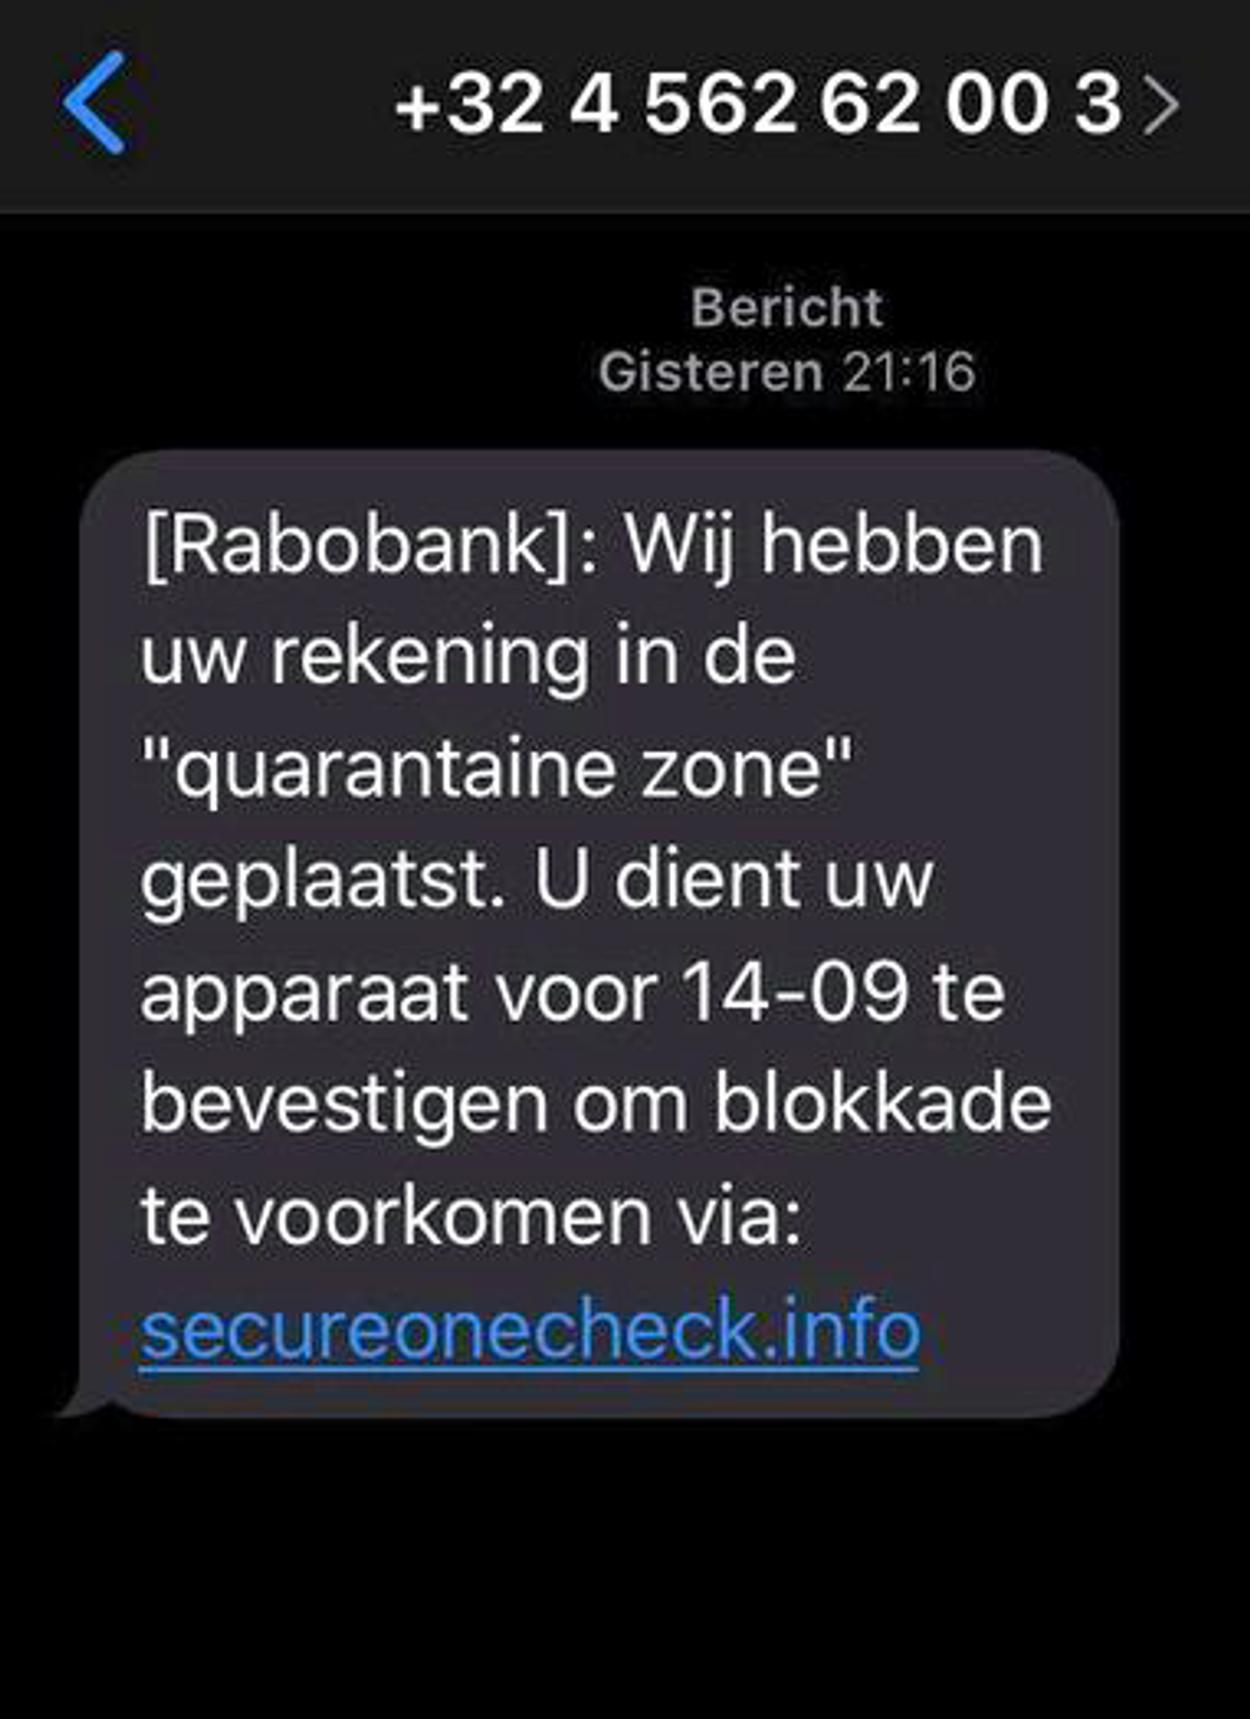 sms phishing rabobank